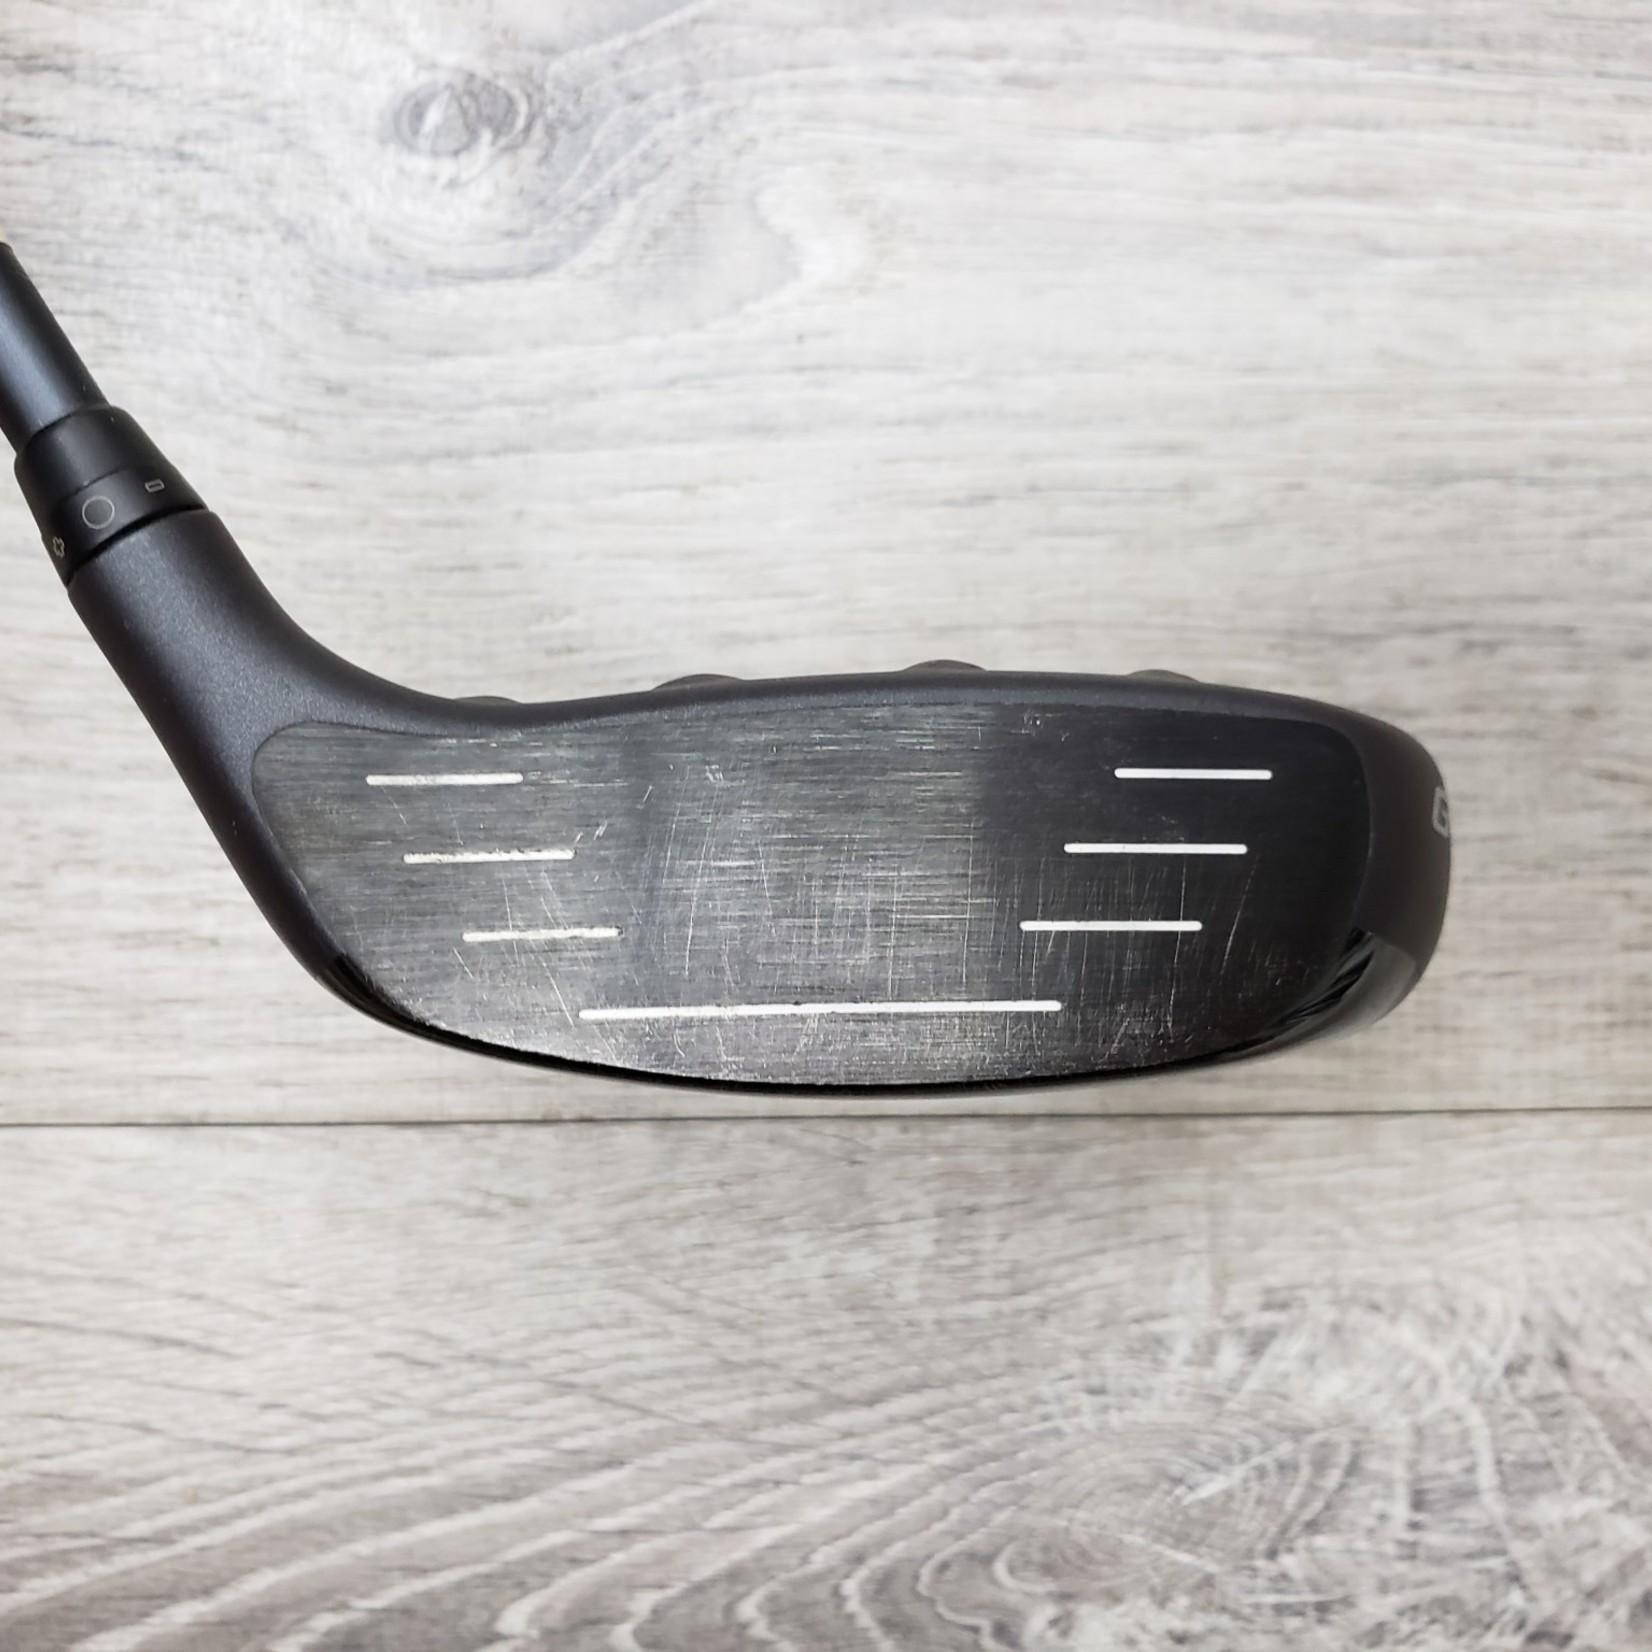 PING (Demo) PING G410 3 Wood Regular Flex (LH)